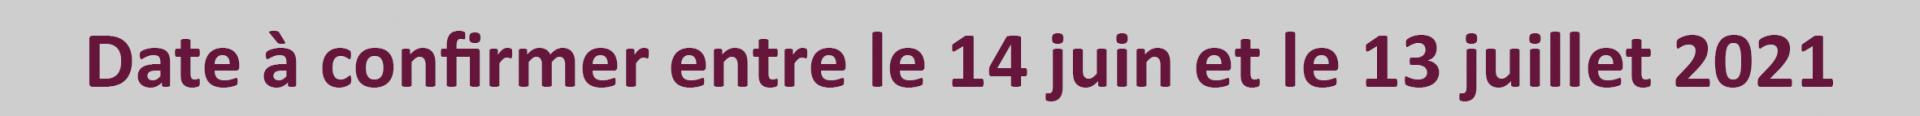 Bandeau date forum 1